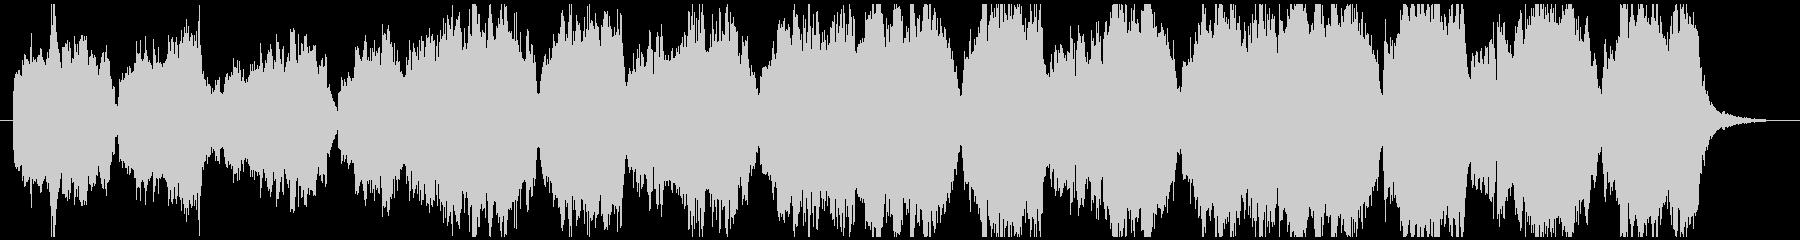 ストリングスメインの温かな雰囲気のBGMの未再生の波形